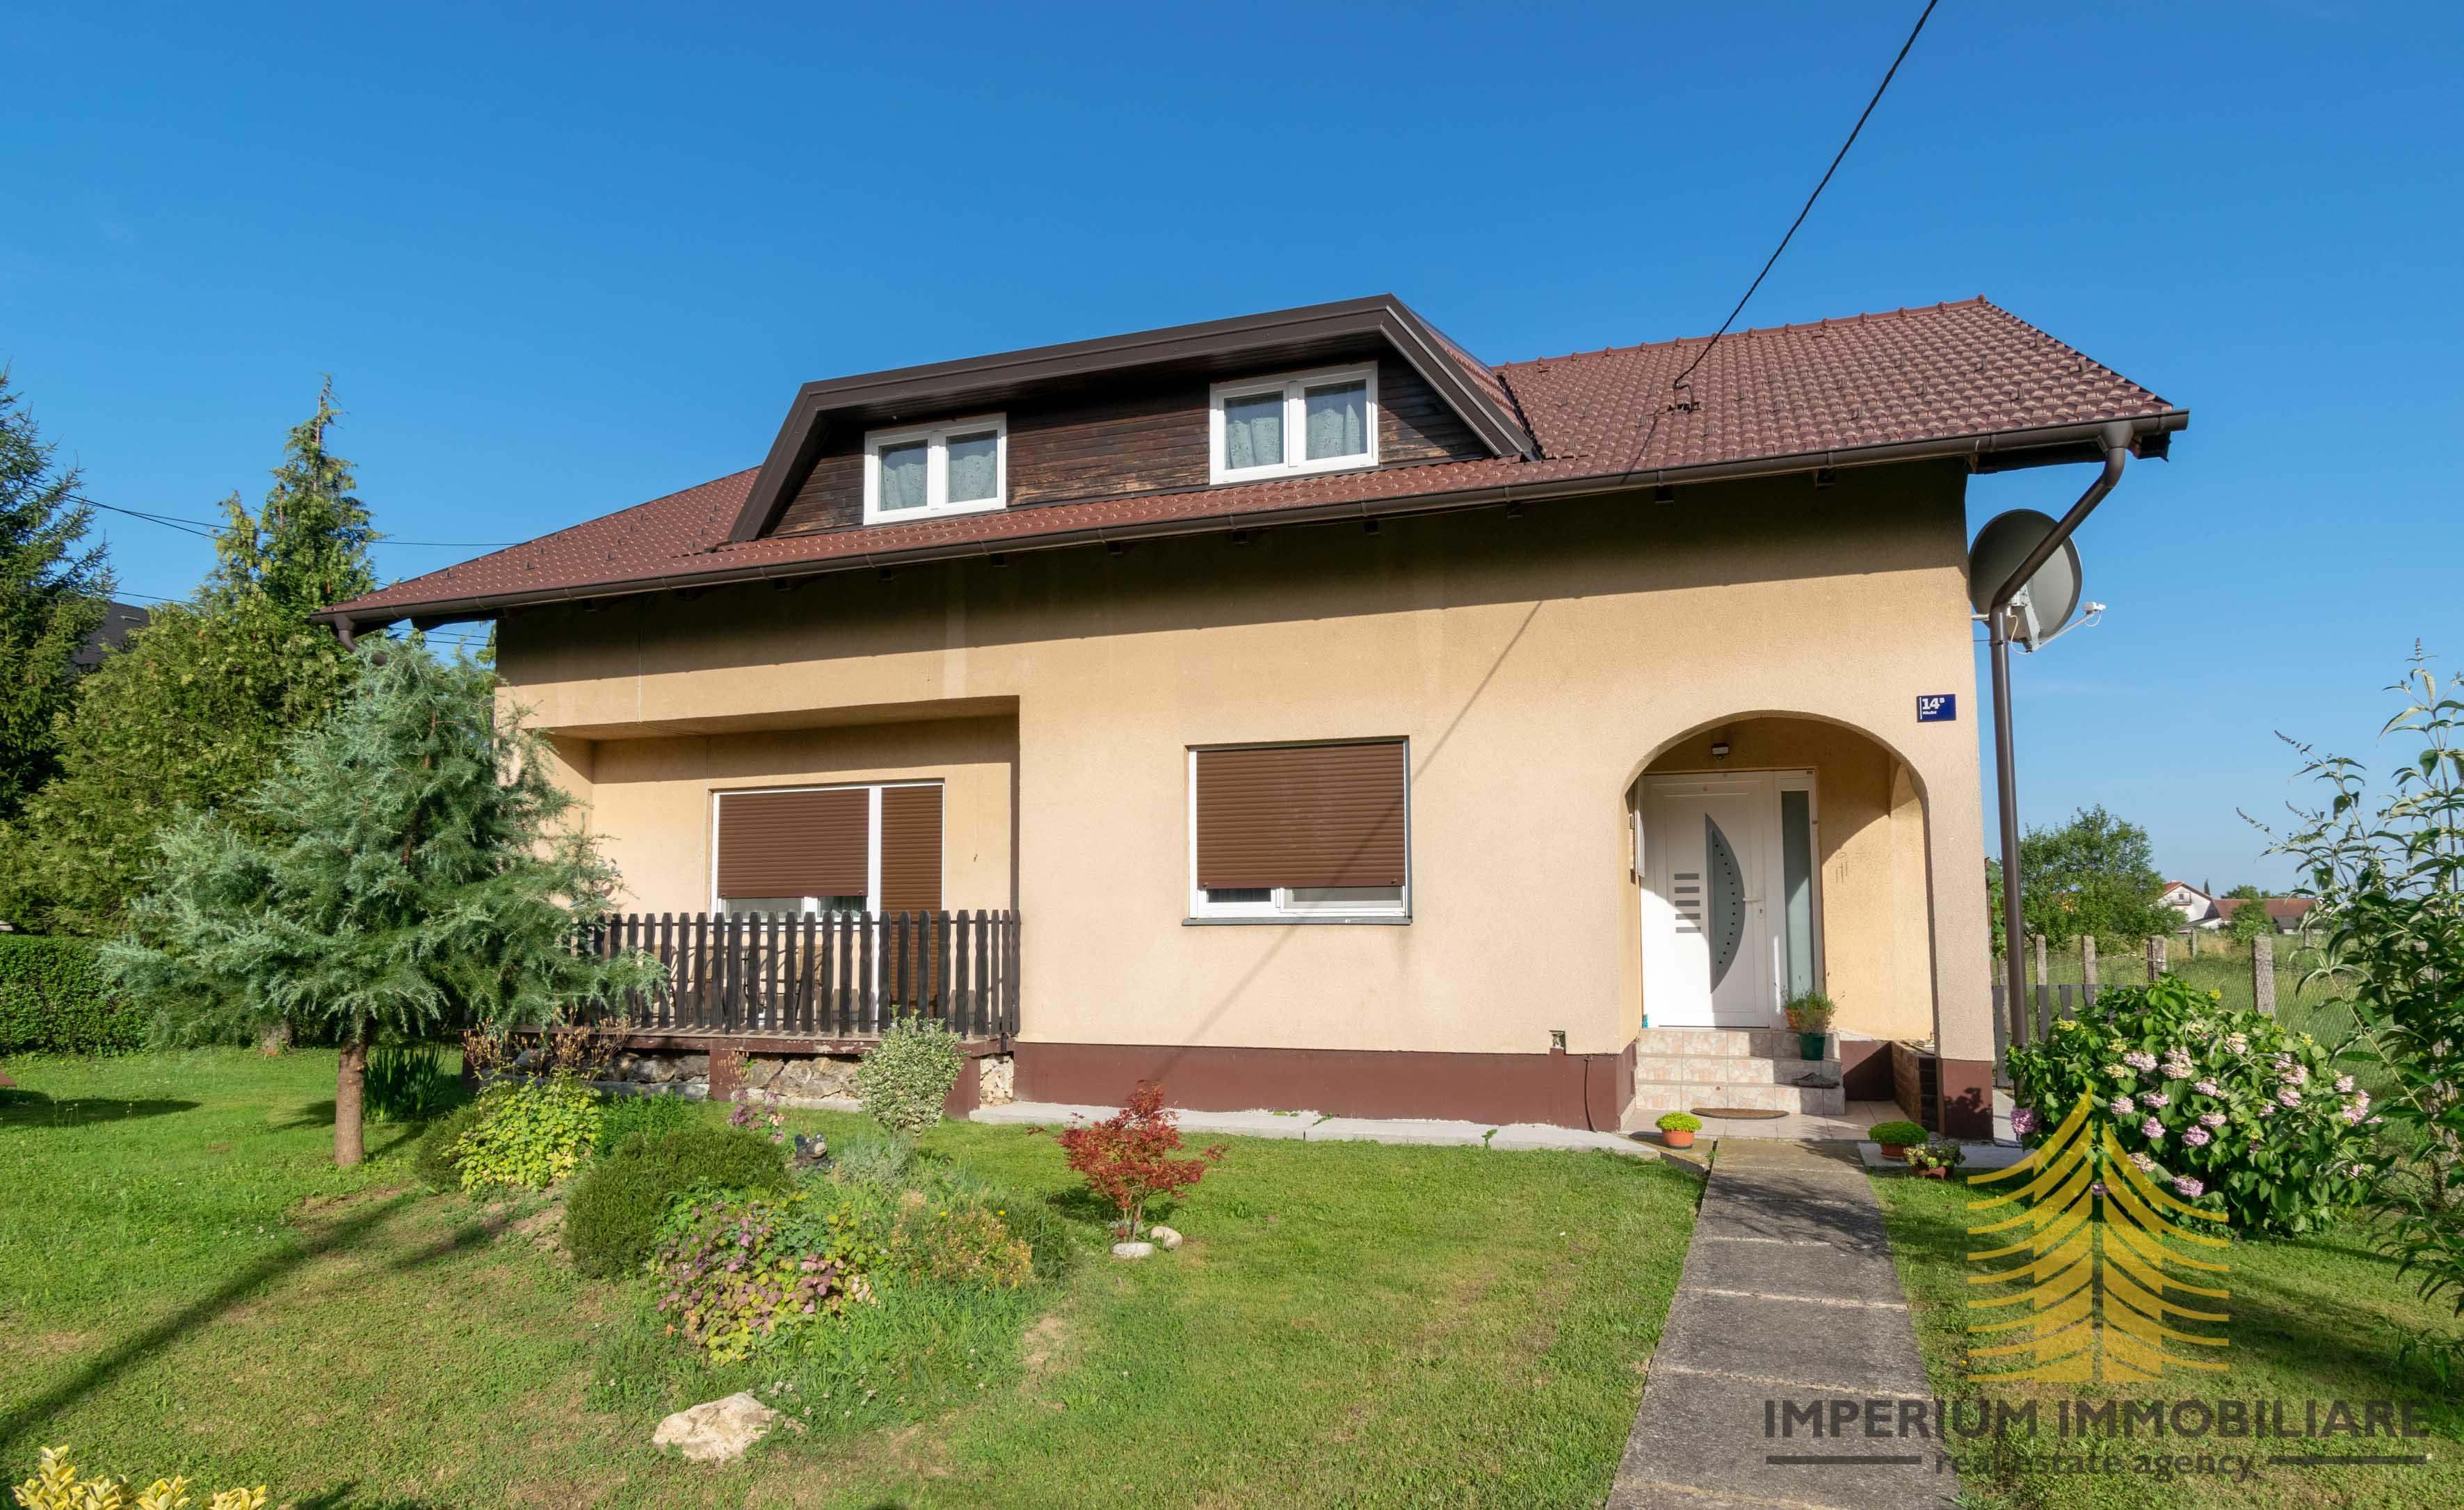 Kuća: Zagreb (Ježdovec), prizemnica, 120.00 m2, PRILIKA (prodaja)